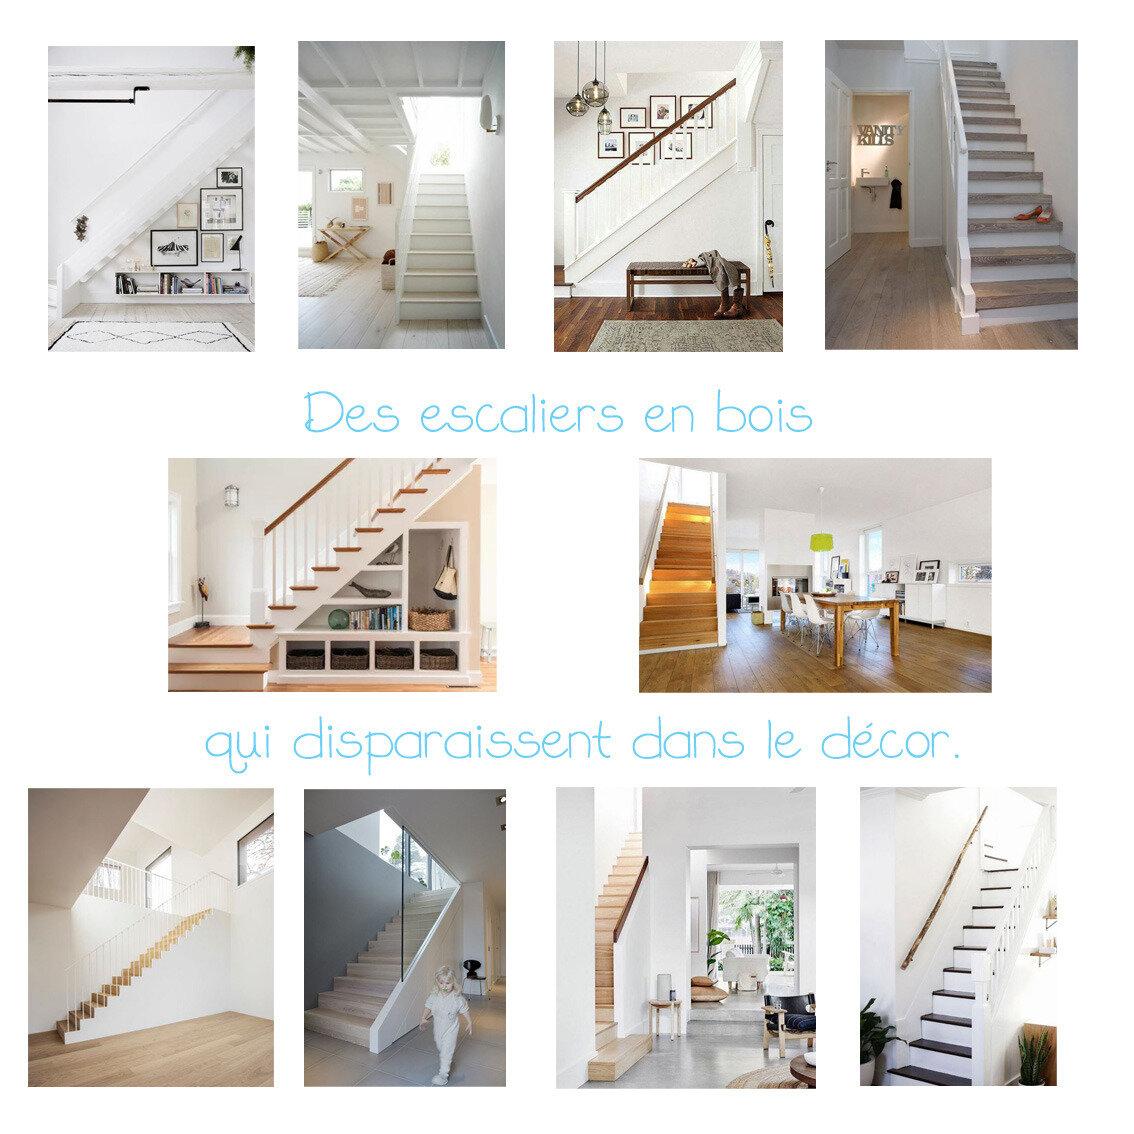 Des escaliers en bois qui se fondent dans le décor...